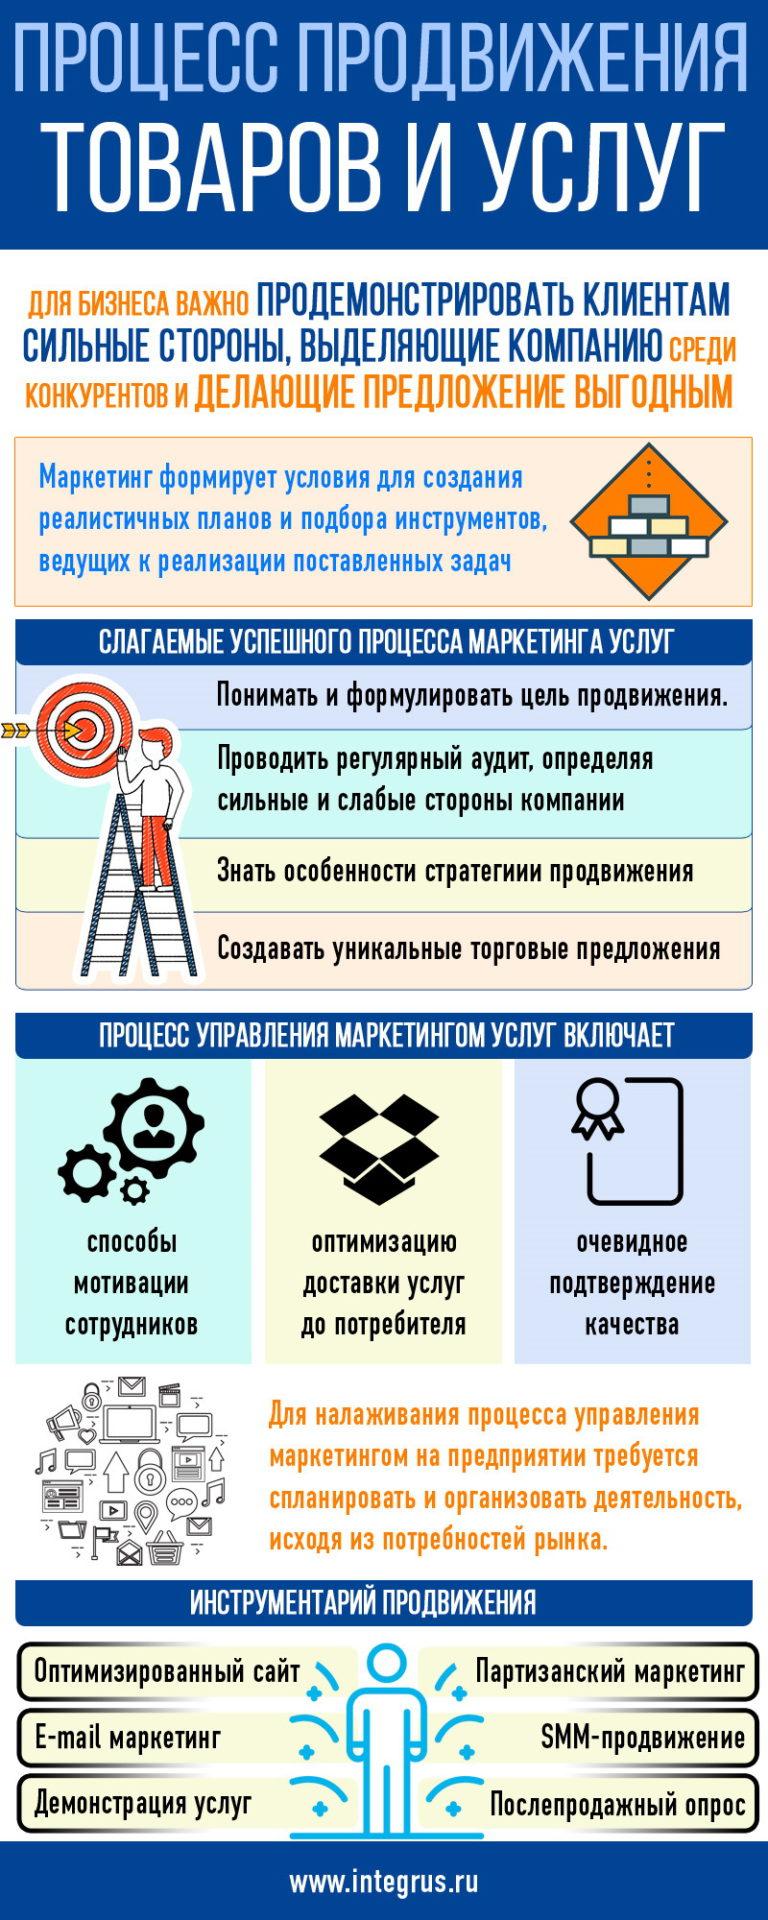 Процесс продвижения товаров, услуг, продуктов в сети Интернет